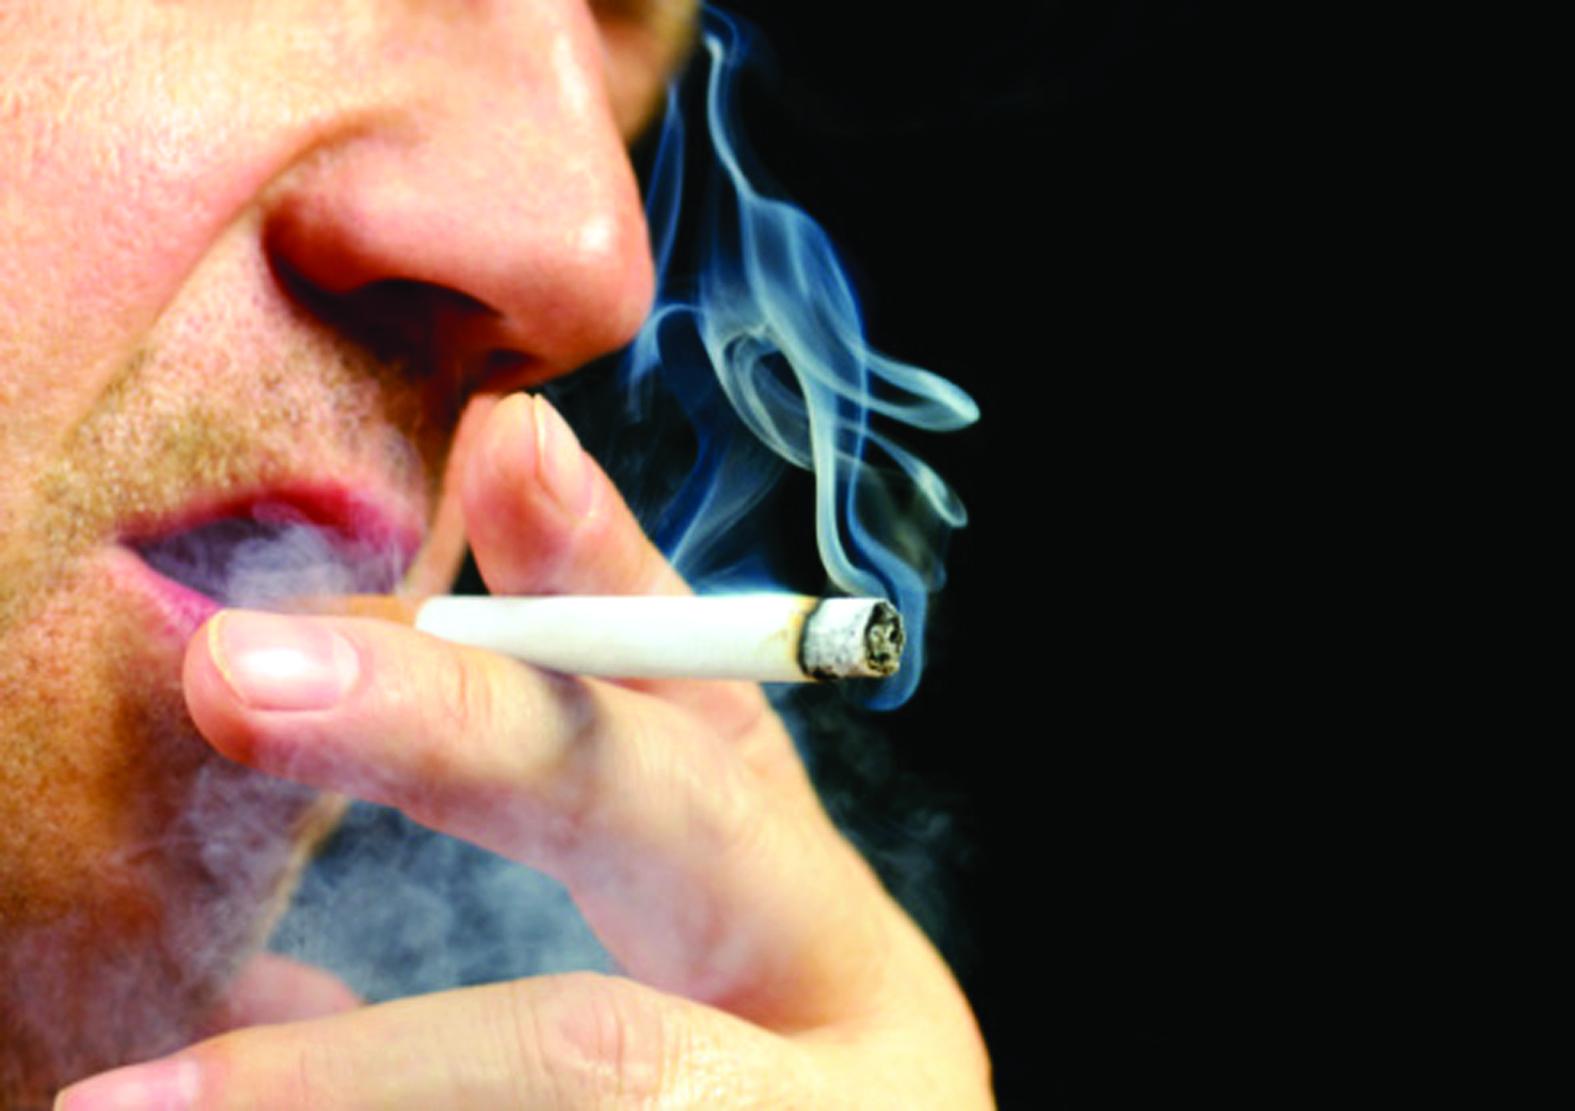 Se é possível fumar a toma de uma pílula tabeks